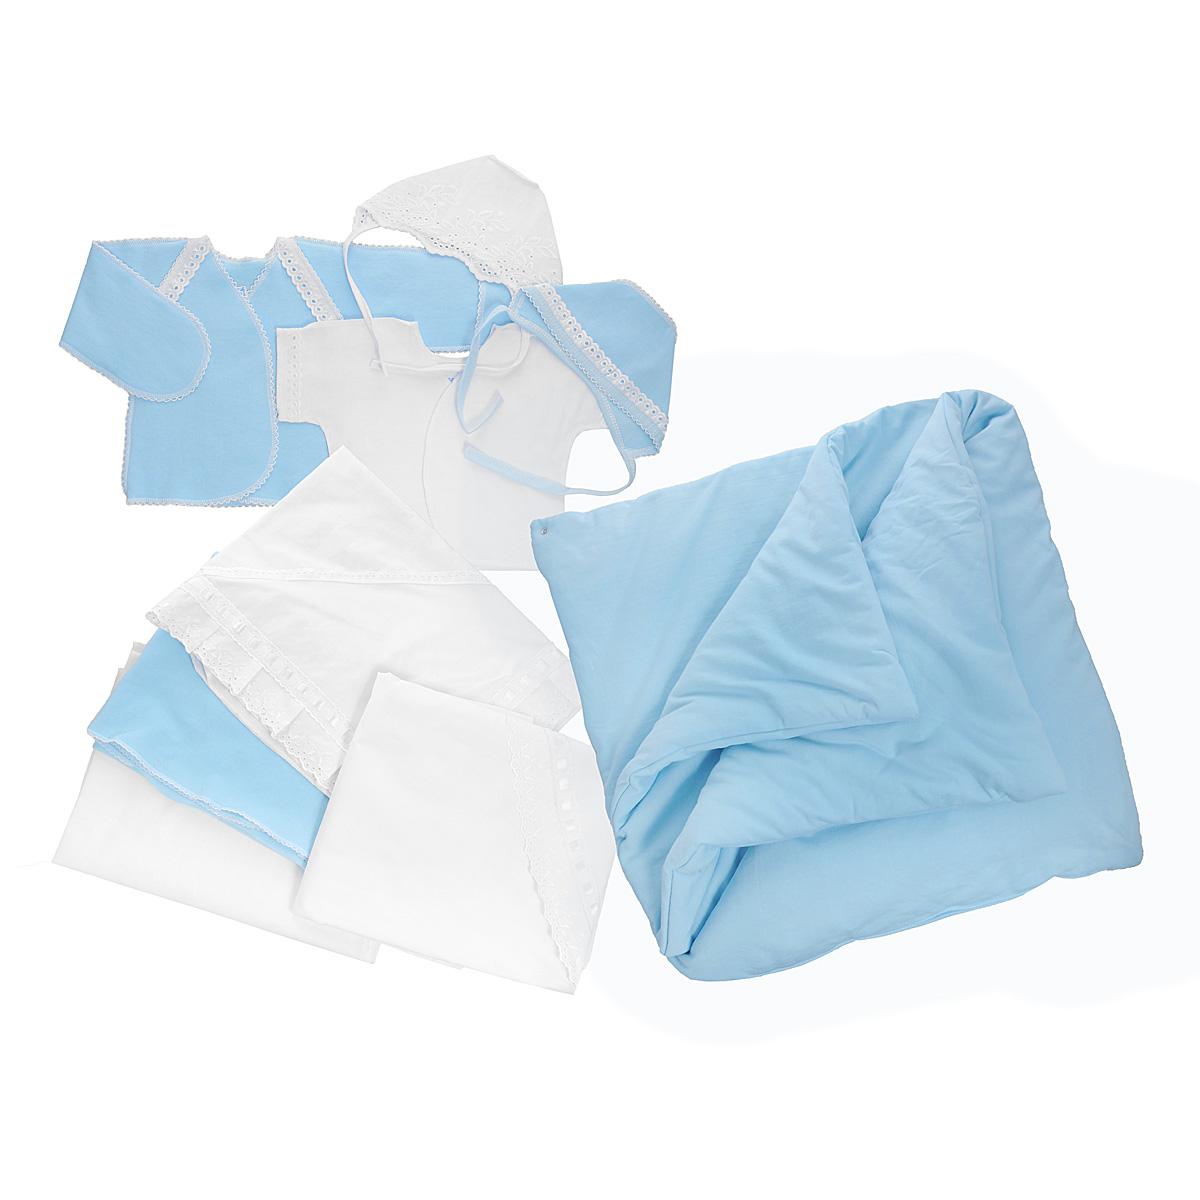 Комплект для новорожденного Трон-Плюс, 9 предметов, цвет: белый, голубой. 3476. Размер 50, 0-1 месяц3476Комплект для новорожденного Трон-плюс - это замечательный подарок, который прекрасно подойдет для первых дней жизни ребенка. Комплект состоит из двух распашонок, двух чепчиков, уголка, двух пеленок, пододеяльника и одеяла. Комплект изготовлен из натурального хлопка, благодаря чему он необычайно мягкий и приятный на ощупь, не сковывает движения младенца и позволяет коже дышать, не раздражает даже самую нежную и чувствительную кожу ребенка, обеспечивая ему наибольший комфорт. Легкая распашонка с короткими рукавами выполнена швами наружу. Изделие украшено вышивкой, а рукава декорированы ажурными рюшами и петельками.Теплая распашонка с запахом выполнена швами наружу. Декорирована распашонка ажурными рюшами. А благодаря рукавичкам ребенок не поцарапает себя. Ручки могут быть как открытыми, так и закрытыми. Чепчик защищает еще не заросший родничок, щадит чувствительный слух малыша, прикрывая ушки, и предохраняет от теплопотерь. Комплект содержит два чепчика: один - легкий мягкий чепчик с завязками выполнен швами наружу и украшен вышивками, а второй - теплый чепчик выполнен из футера швами наружу и украшен ажурными рюшами и петельками. Очаровательный уголок, выполненный из натурального хлопка и украшенный вышивками и атласной лентой, необычайно мягкий и легкий, не раздражает нежную кожу ребенка и хорошо вентилируется, а эластичные швы приятны телу младенца. Уголок обеспечивает вашему ребенку комфорт! Пеленка станет незаменимым помощником в деле ухода за ребенком. В комплект входят две пеленки: легкая из мадаполама и теплая из футера, отделанная ажурными петельками.Пододеяльник, выполненный из бязи отбеленной, дополнен двумя треугольными вырезами, отделанными вышивкой и атласной лентой.Одеяло из футера необычно мягкое и приятное на ощупь. Оно имеет три слоя синтепона и дополнено застежками-кнопками, благодаря которым его можно использовать в качестве конверта.Предметы наб